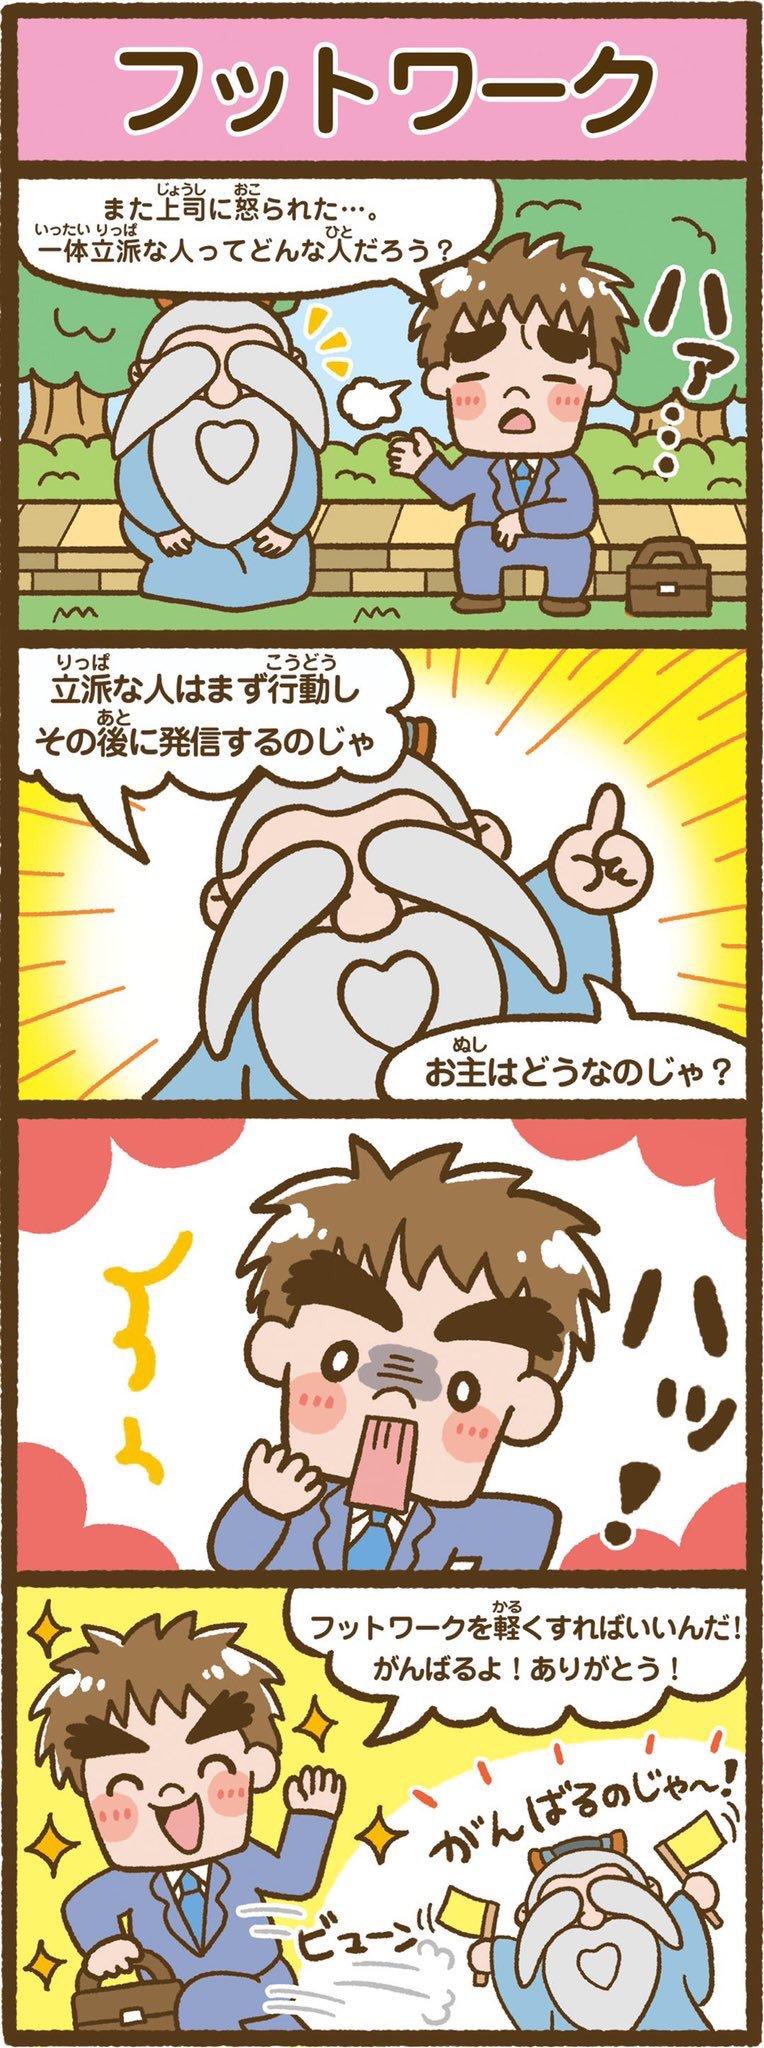 中国の人気ゆるキャラ『孔子爺や』の4コマ漫画第1弾~第3弾[画像1]